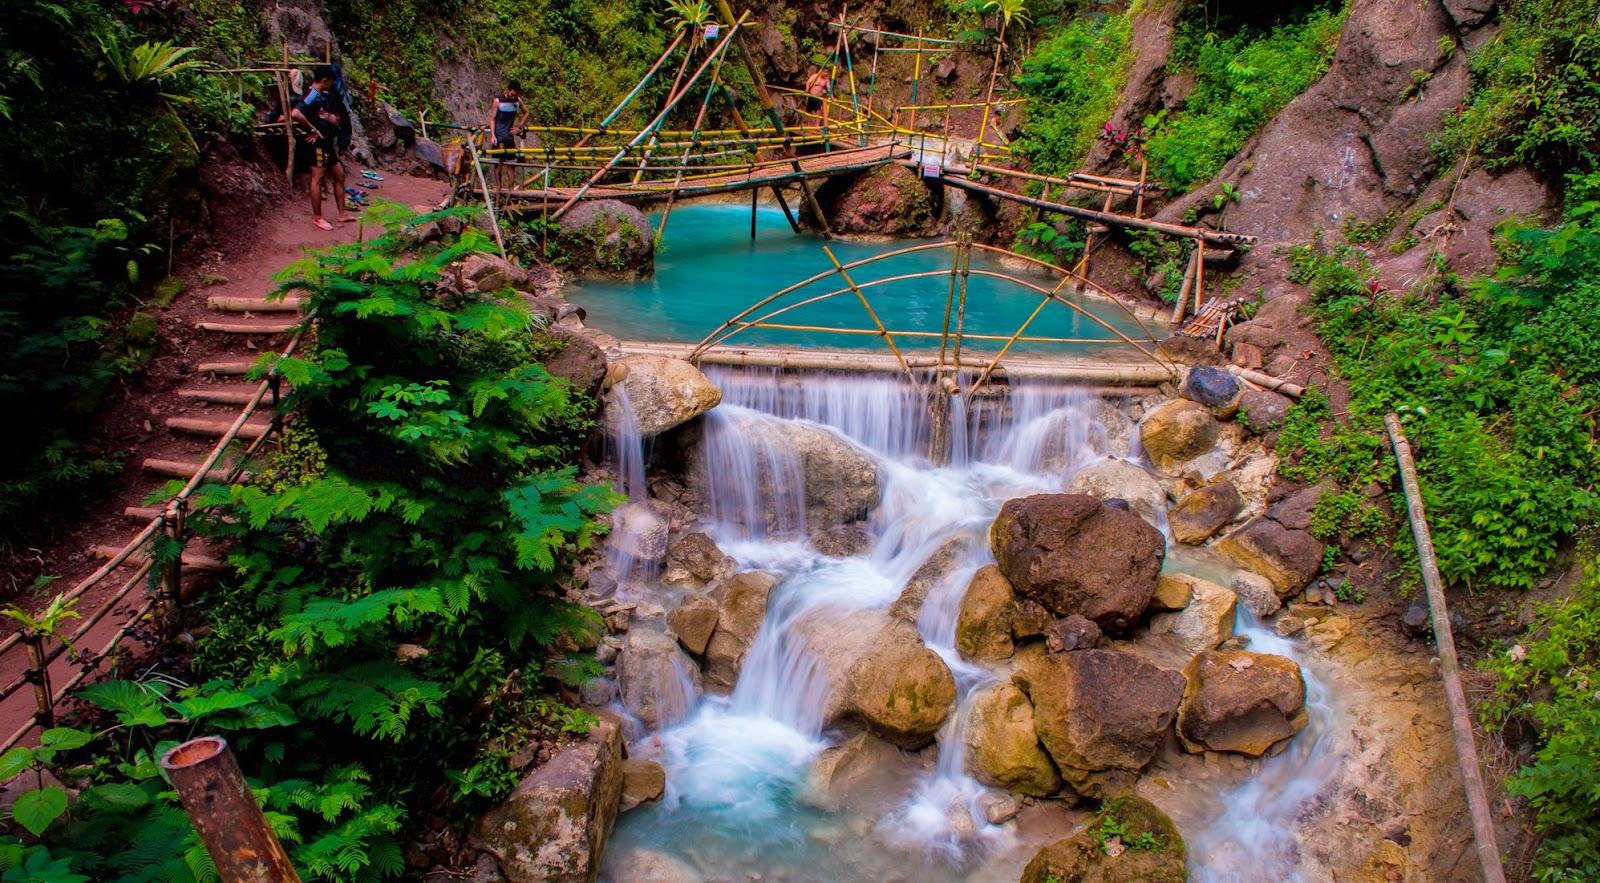 Wisata ke Air Terjun Kedung Pedut Yang Cantik di Kulon Progo